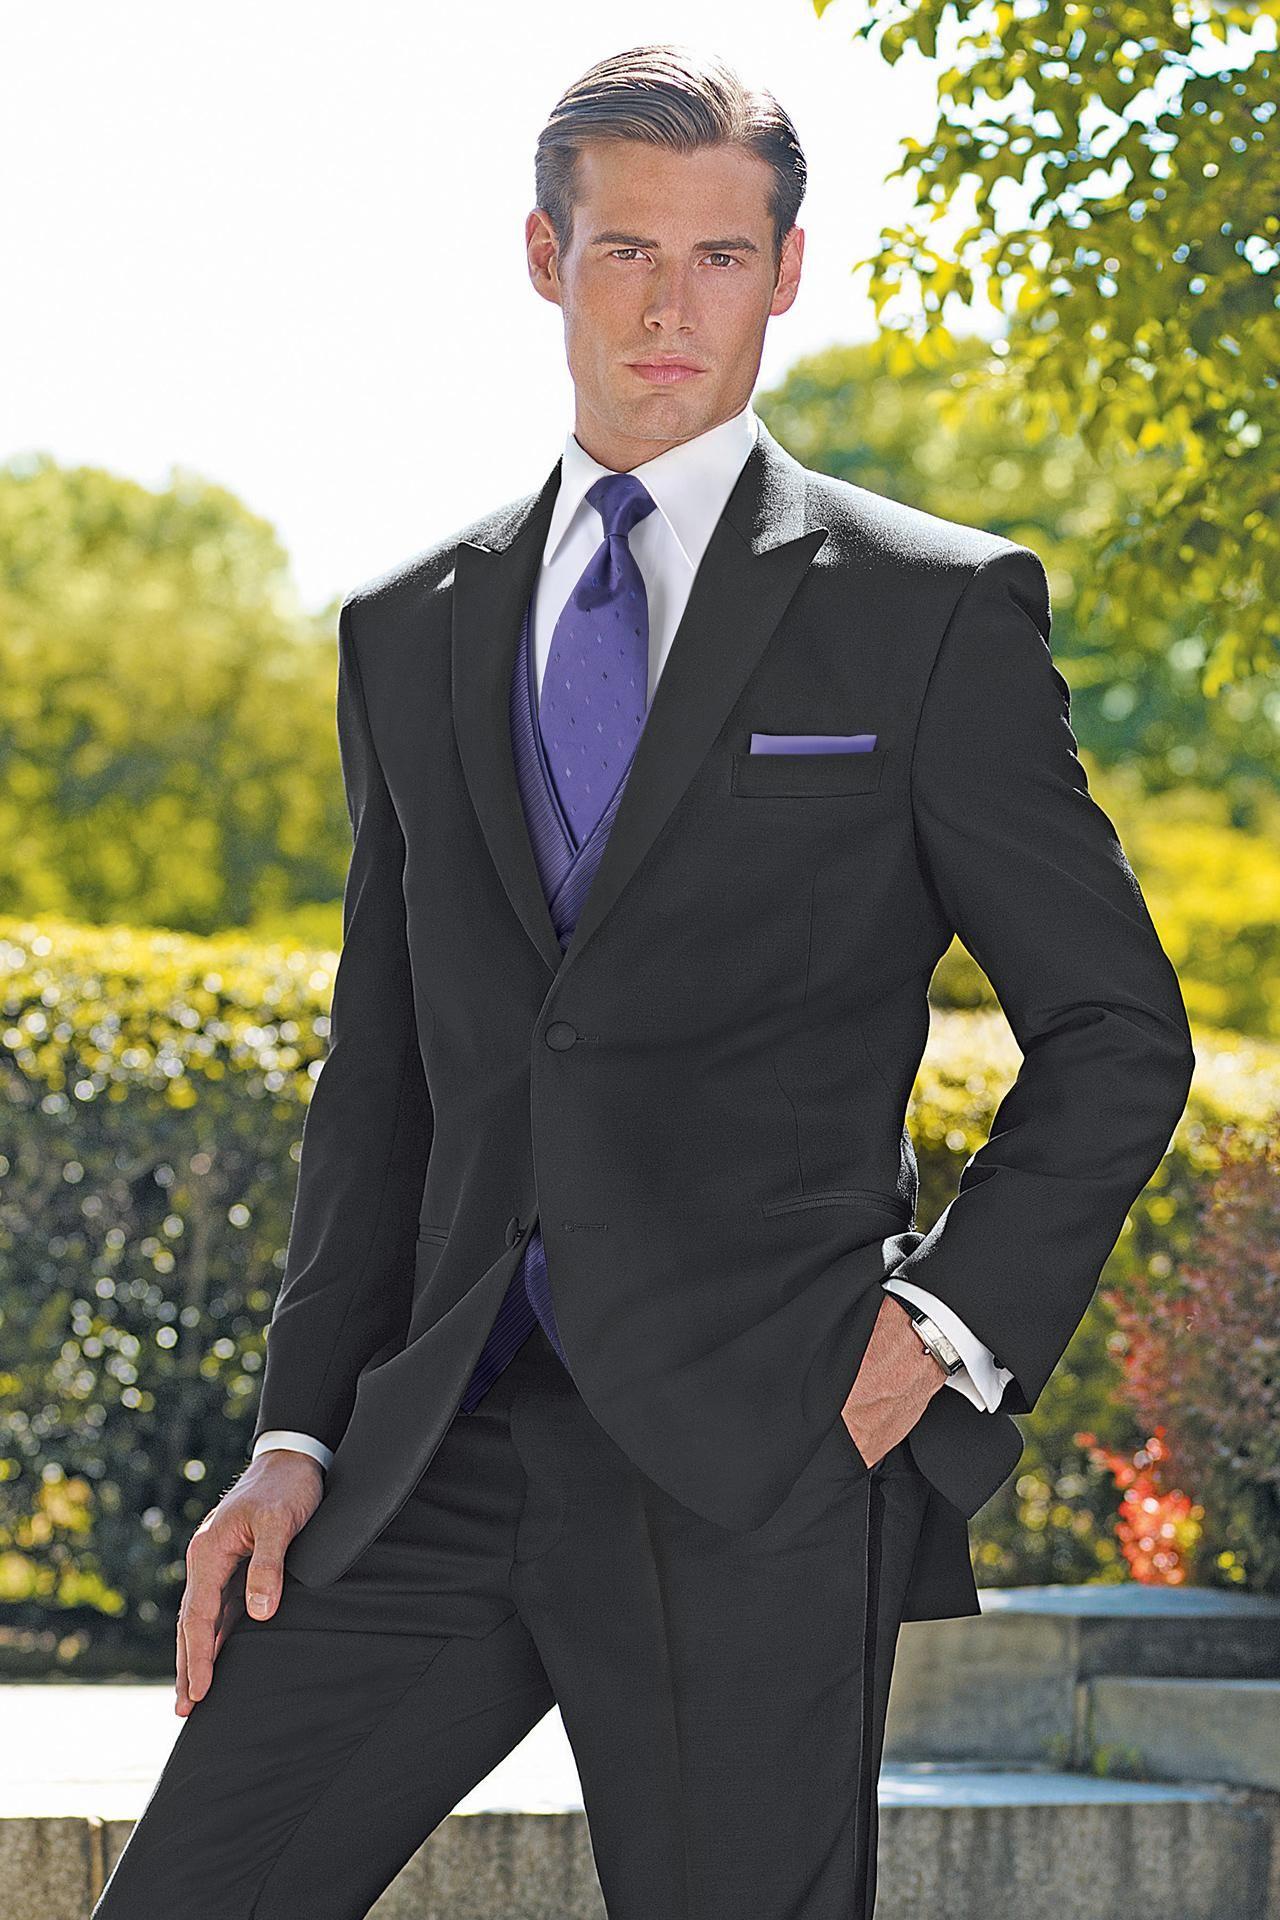 Imagini pentru black suit with green tie | CHESTI DE IMBRACAT 2 ...